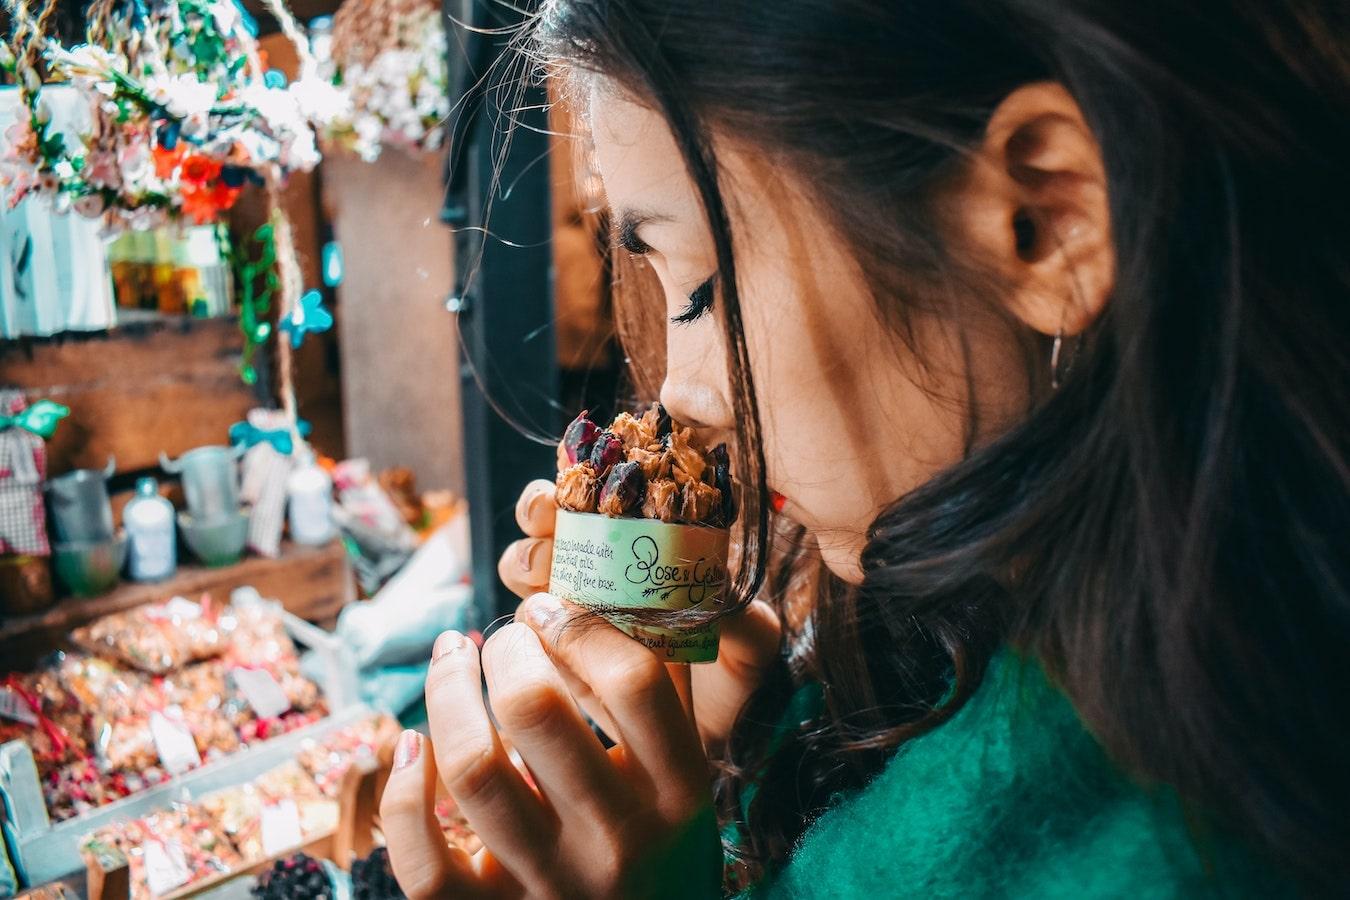 junge Frau riecht an getrockneten Rosen und spürt die Wirkung von Aromen